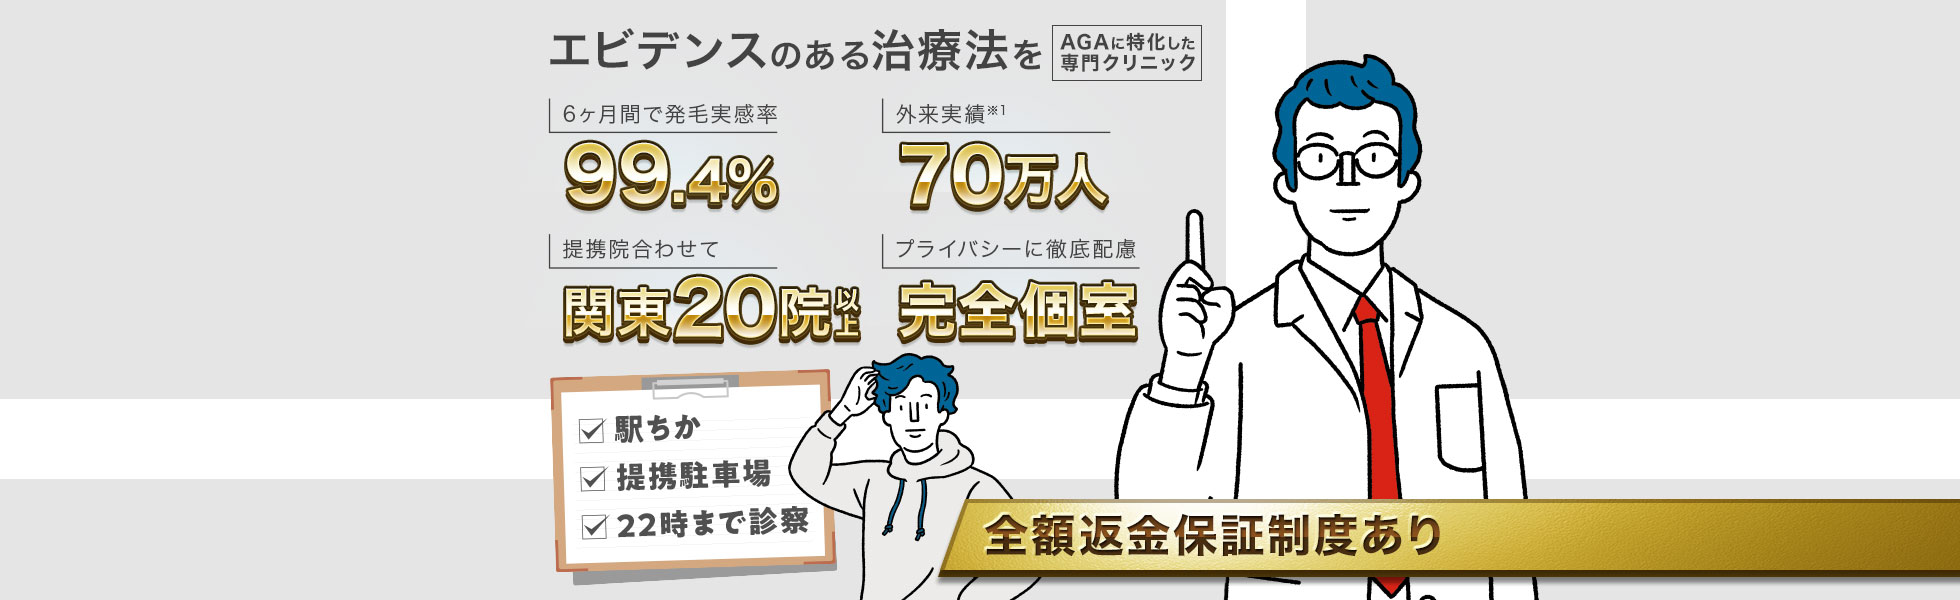 AGAスキンクリニック 東京11院【新宿院・渋谷・品川・上野・秋葉原】